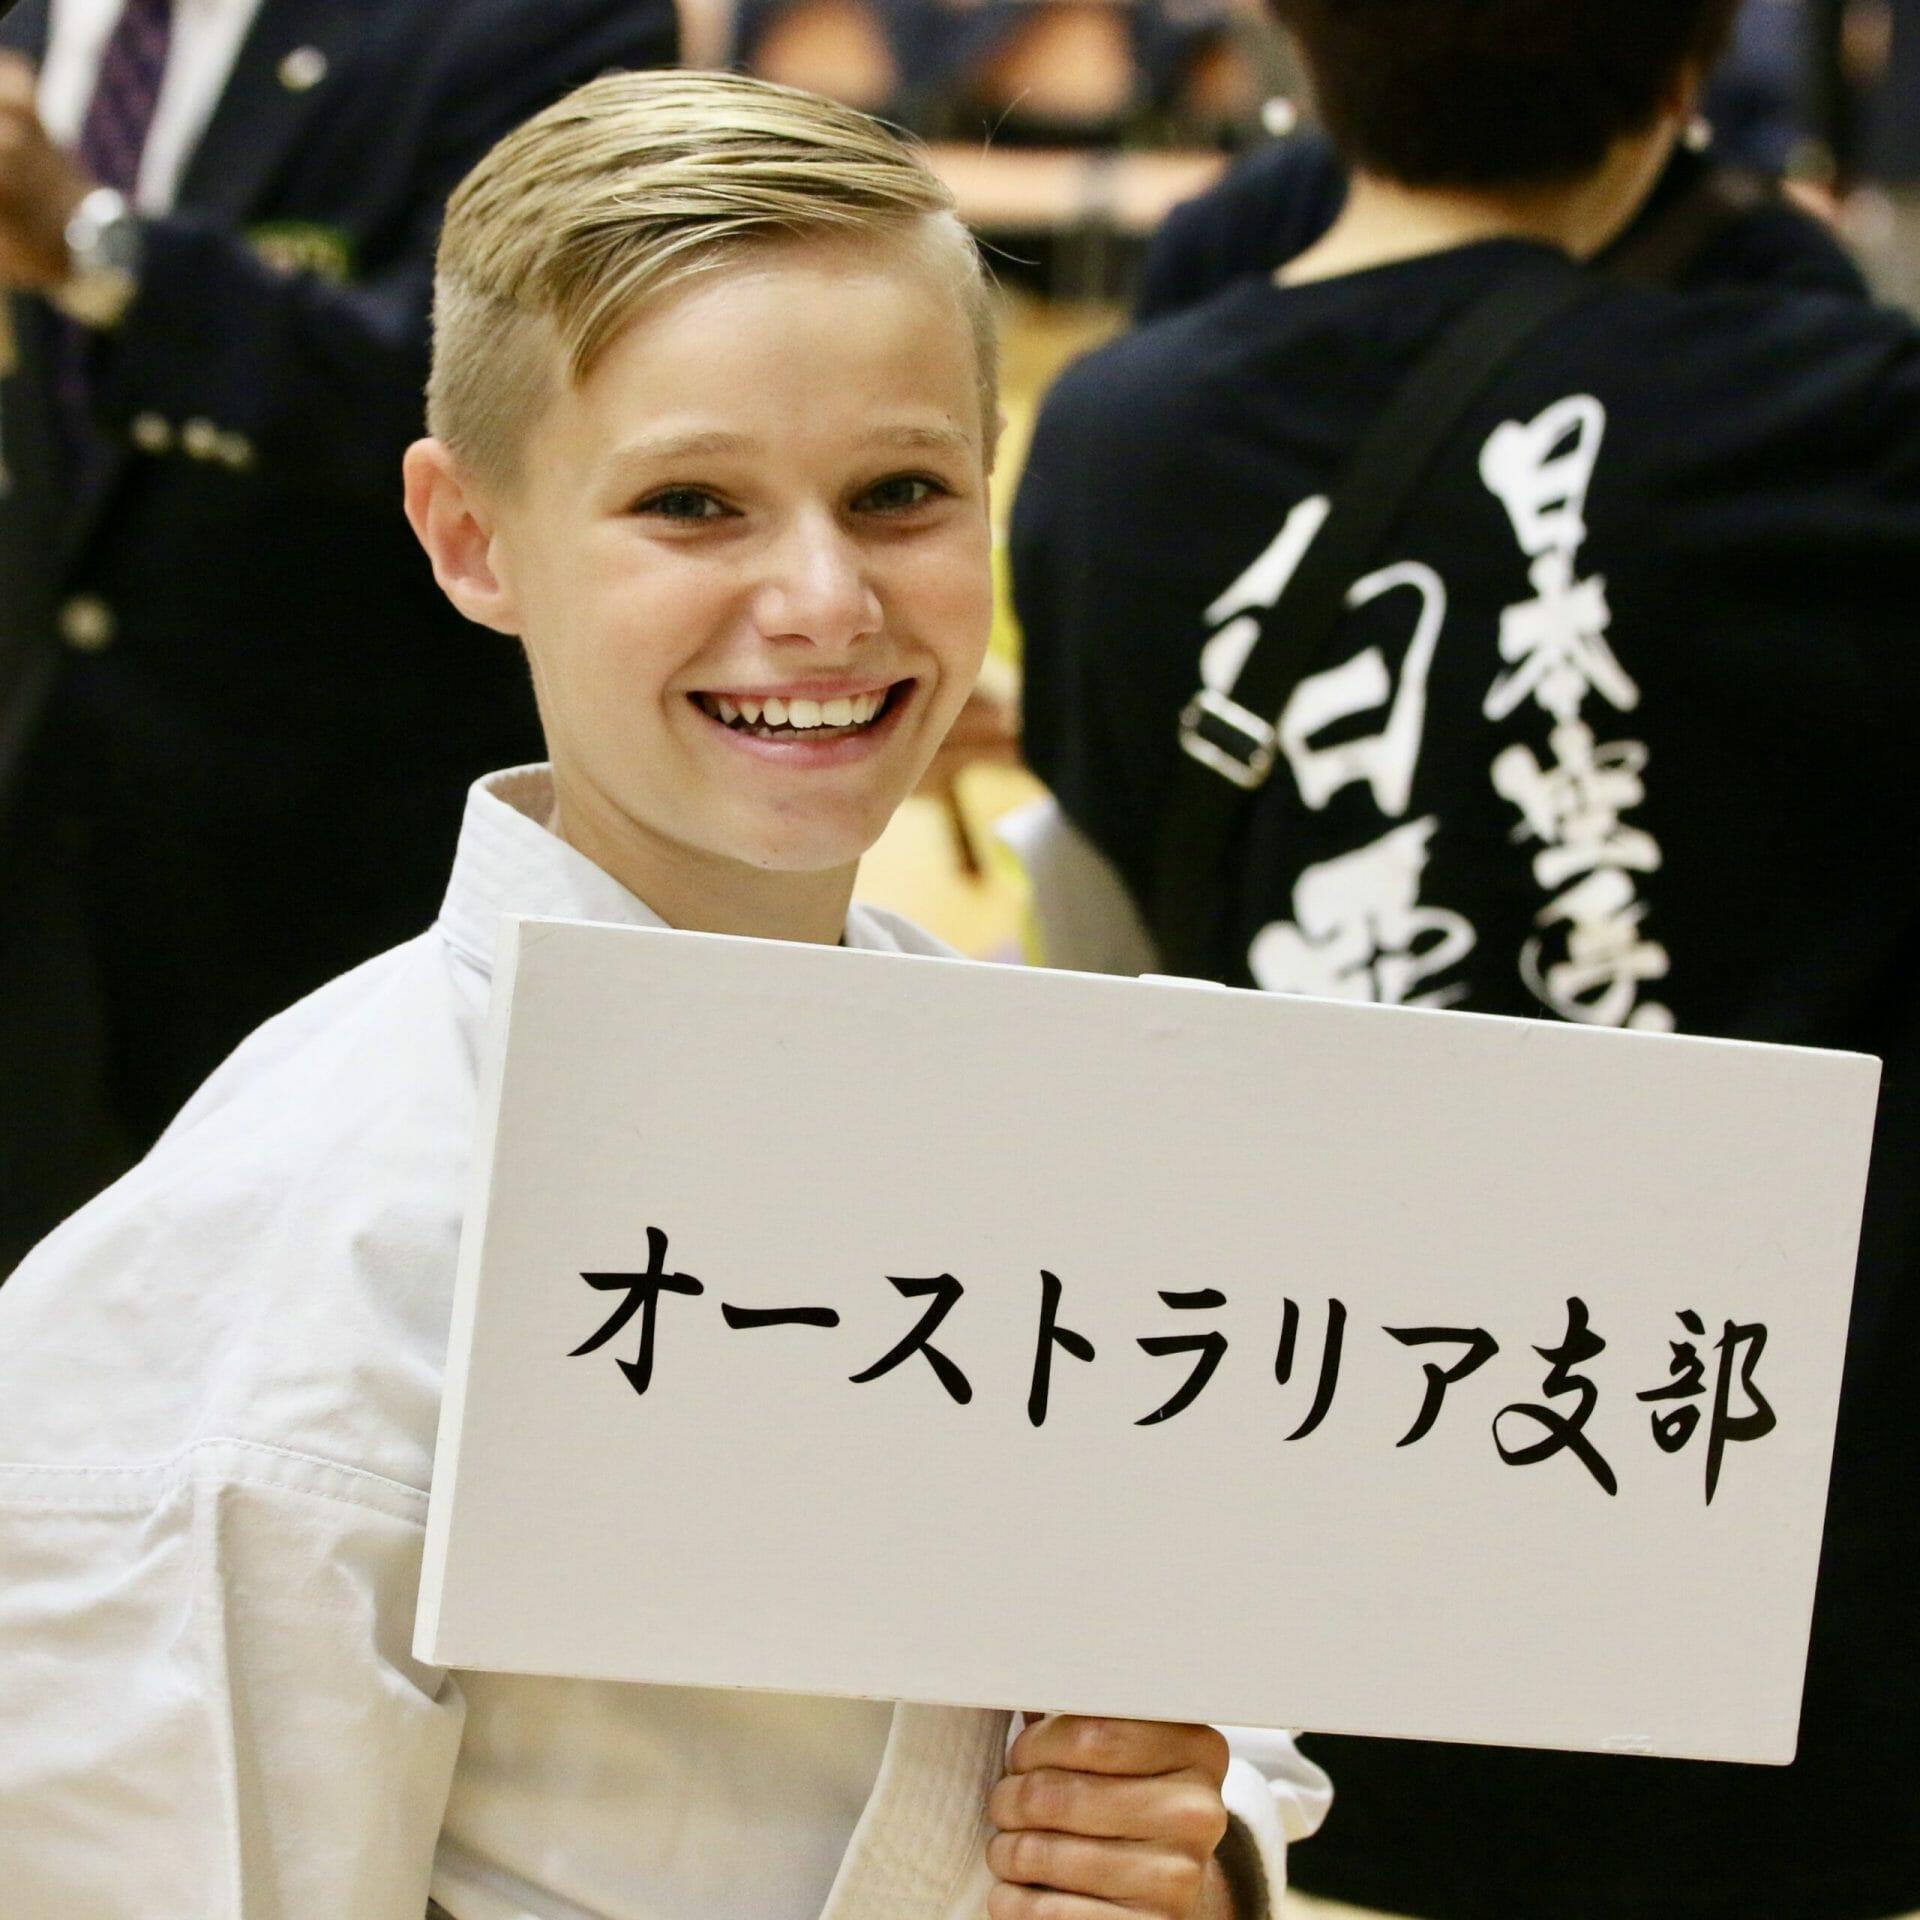 Karate athlete overseas